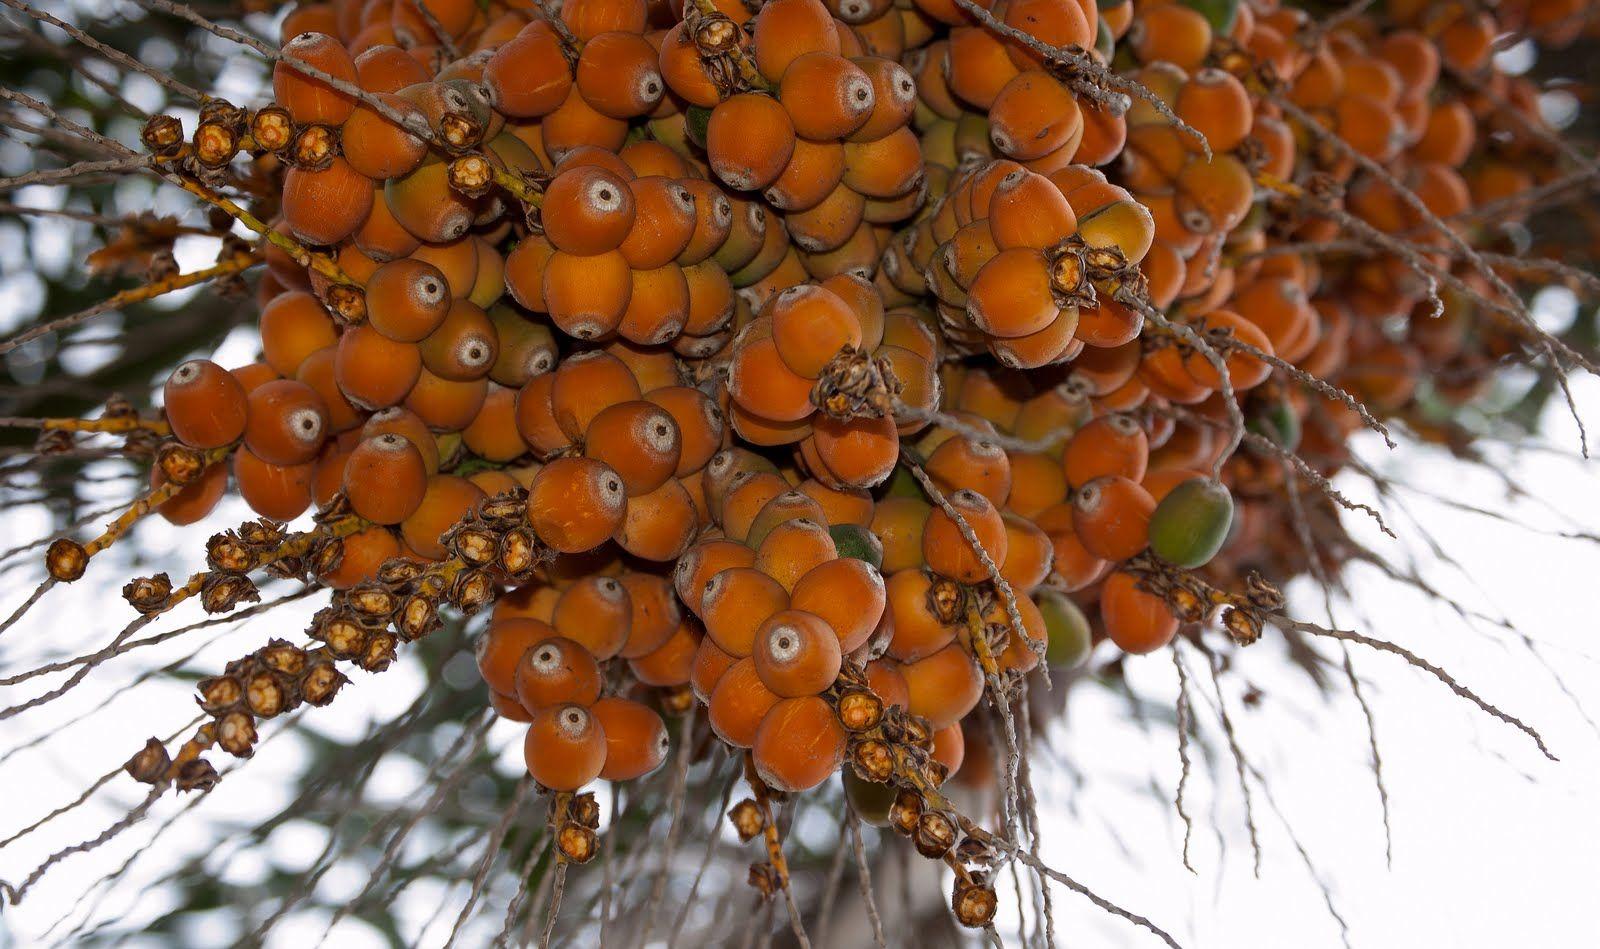 Plantaron 10 palmeras pindó en la Rambla francia